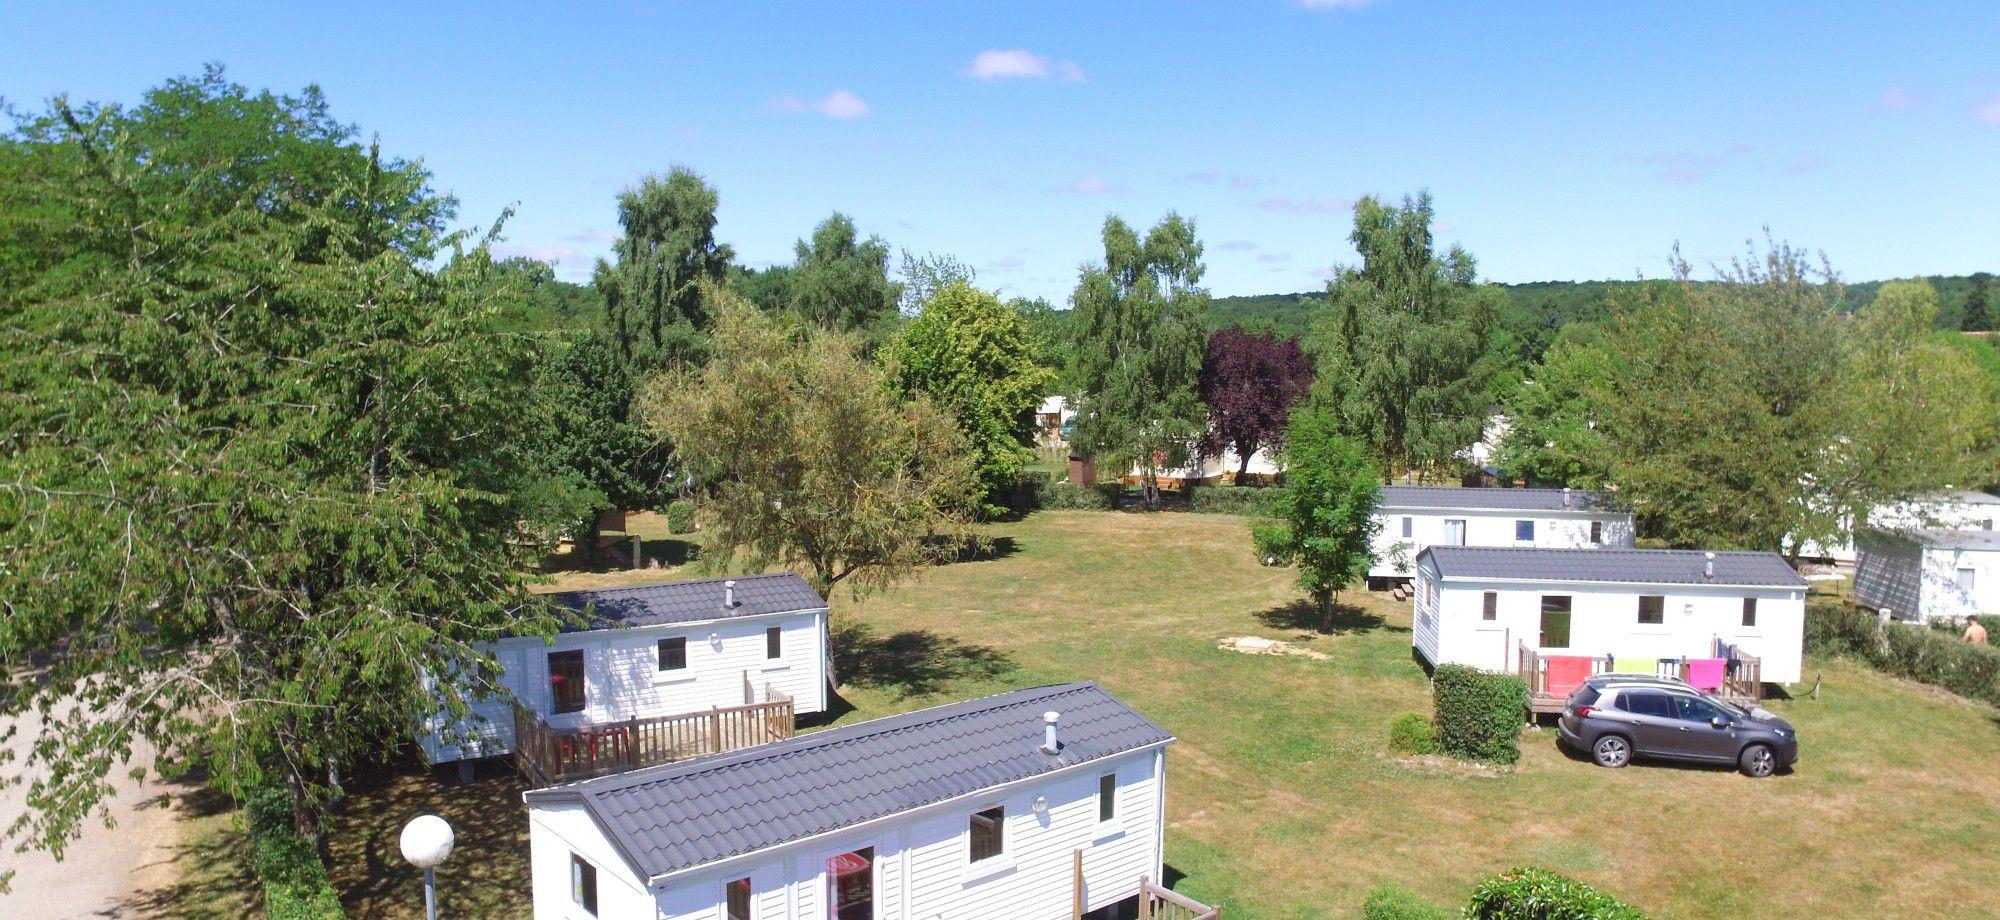 Camping du Perche, Fontaine-Simon, Eure-et-Loir